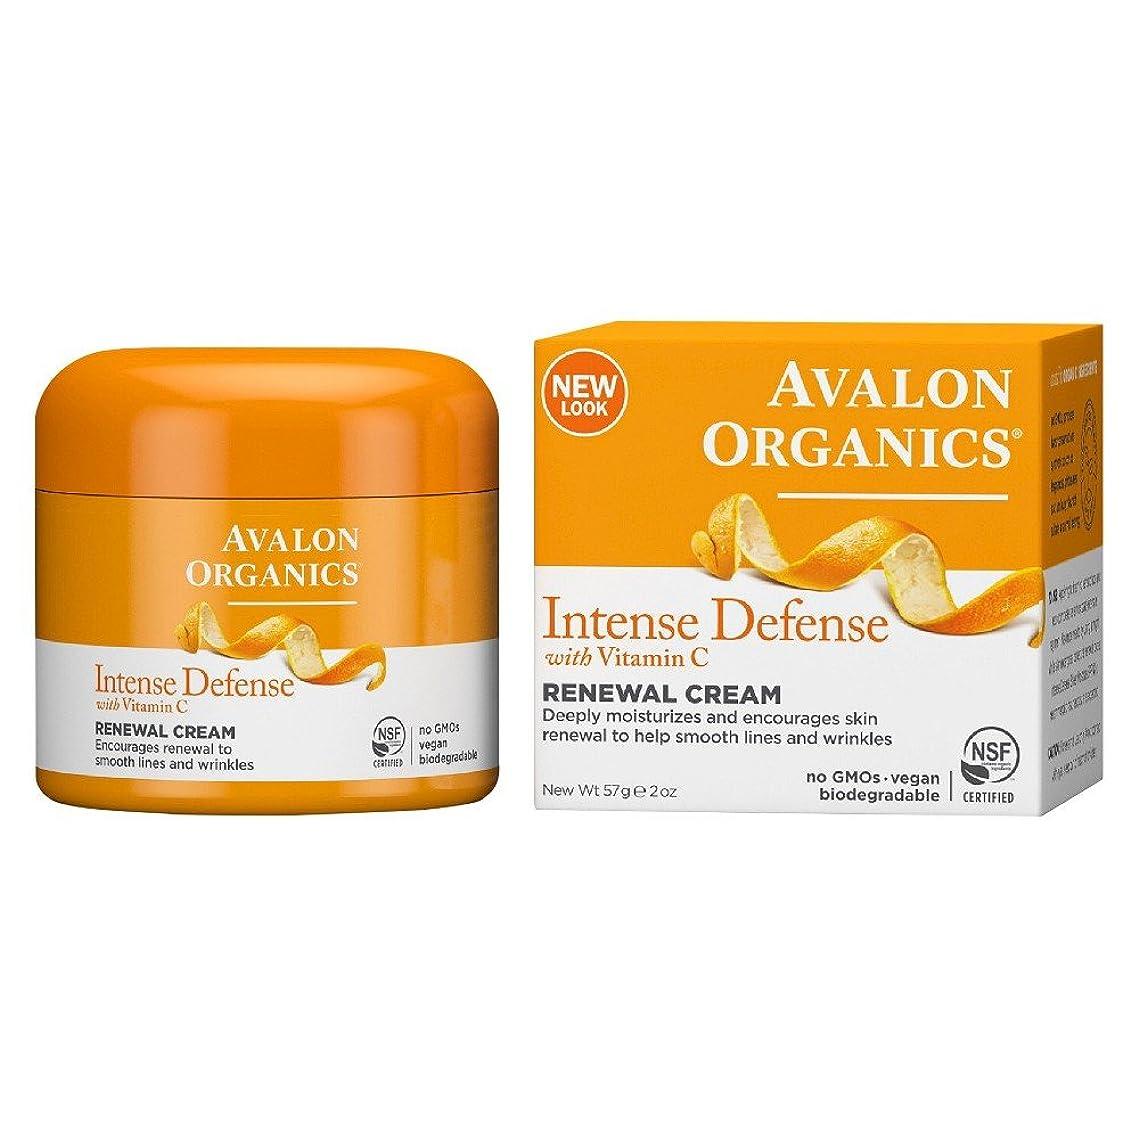 落ち着かない郵便屋さん鷹Avalon Organics アバロンアクティブオーガニックビタミンCリニューアルクリーム、2オンス